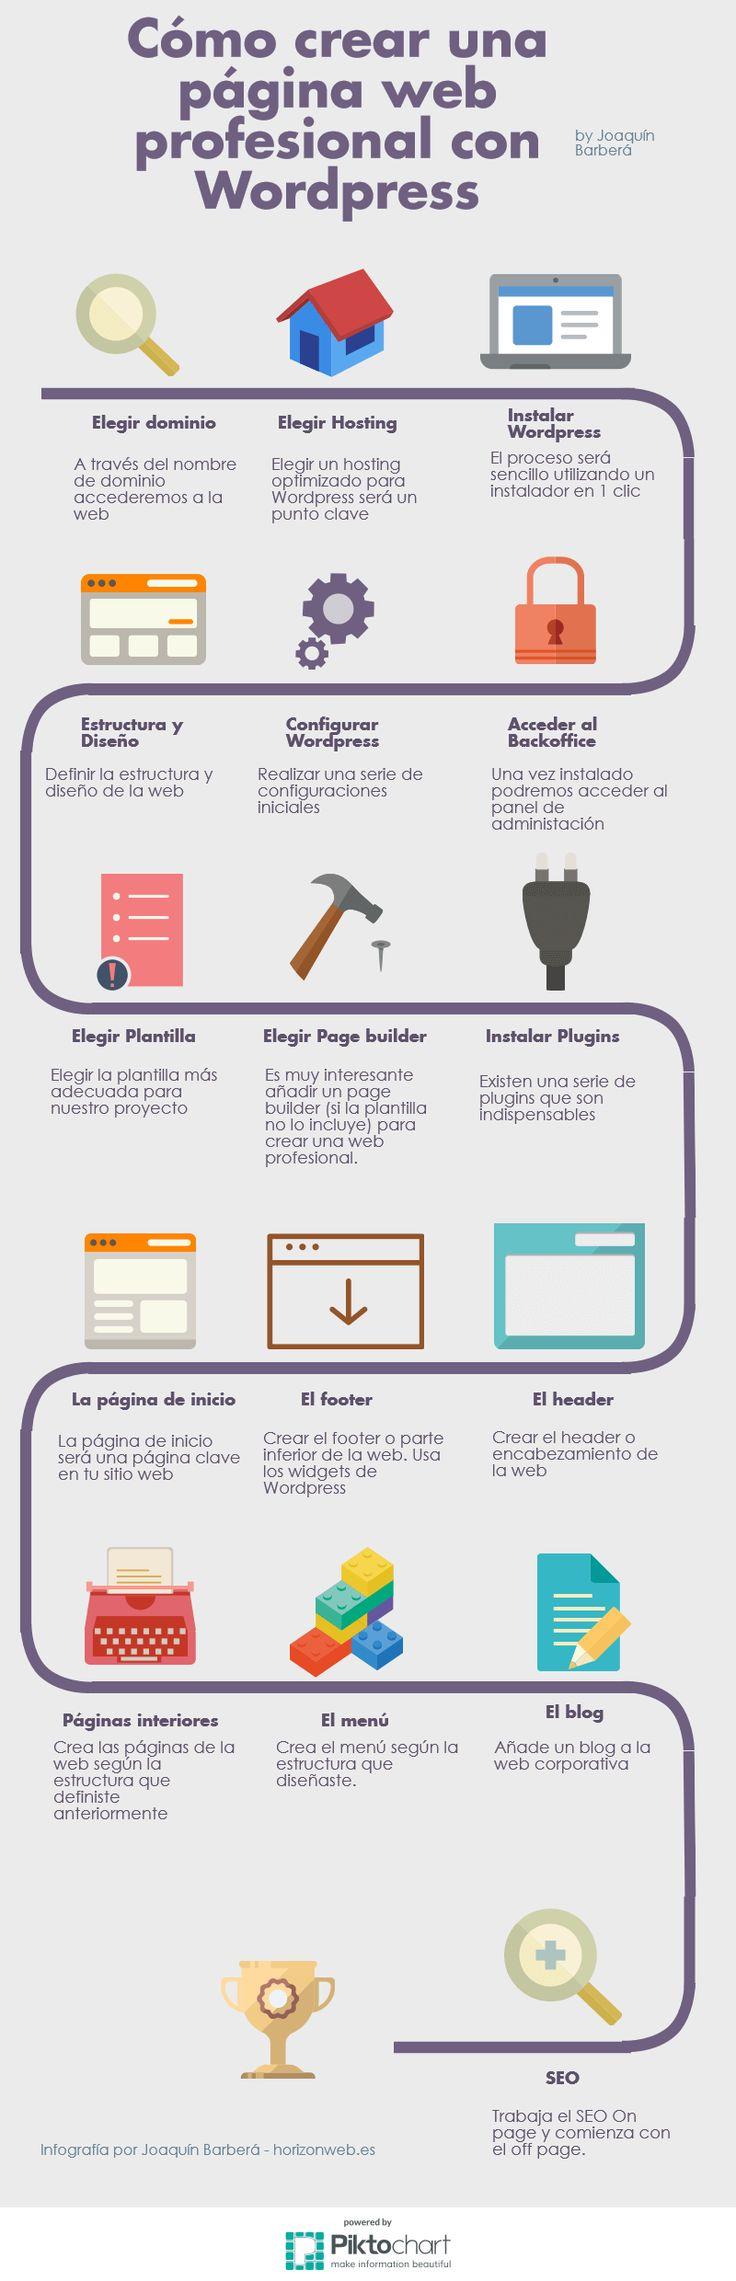 Cómo crear una página profesional con WordPress